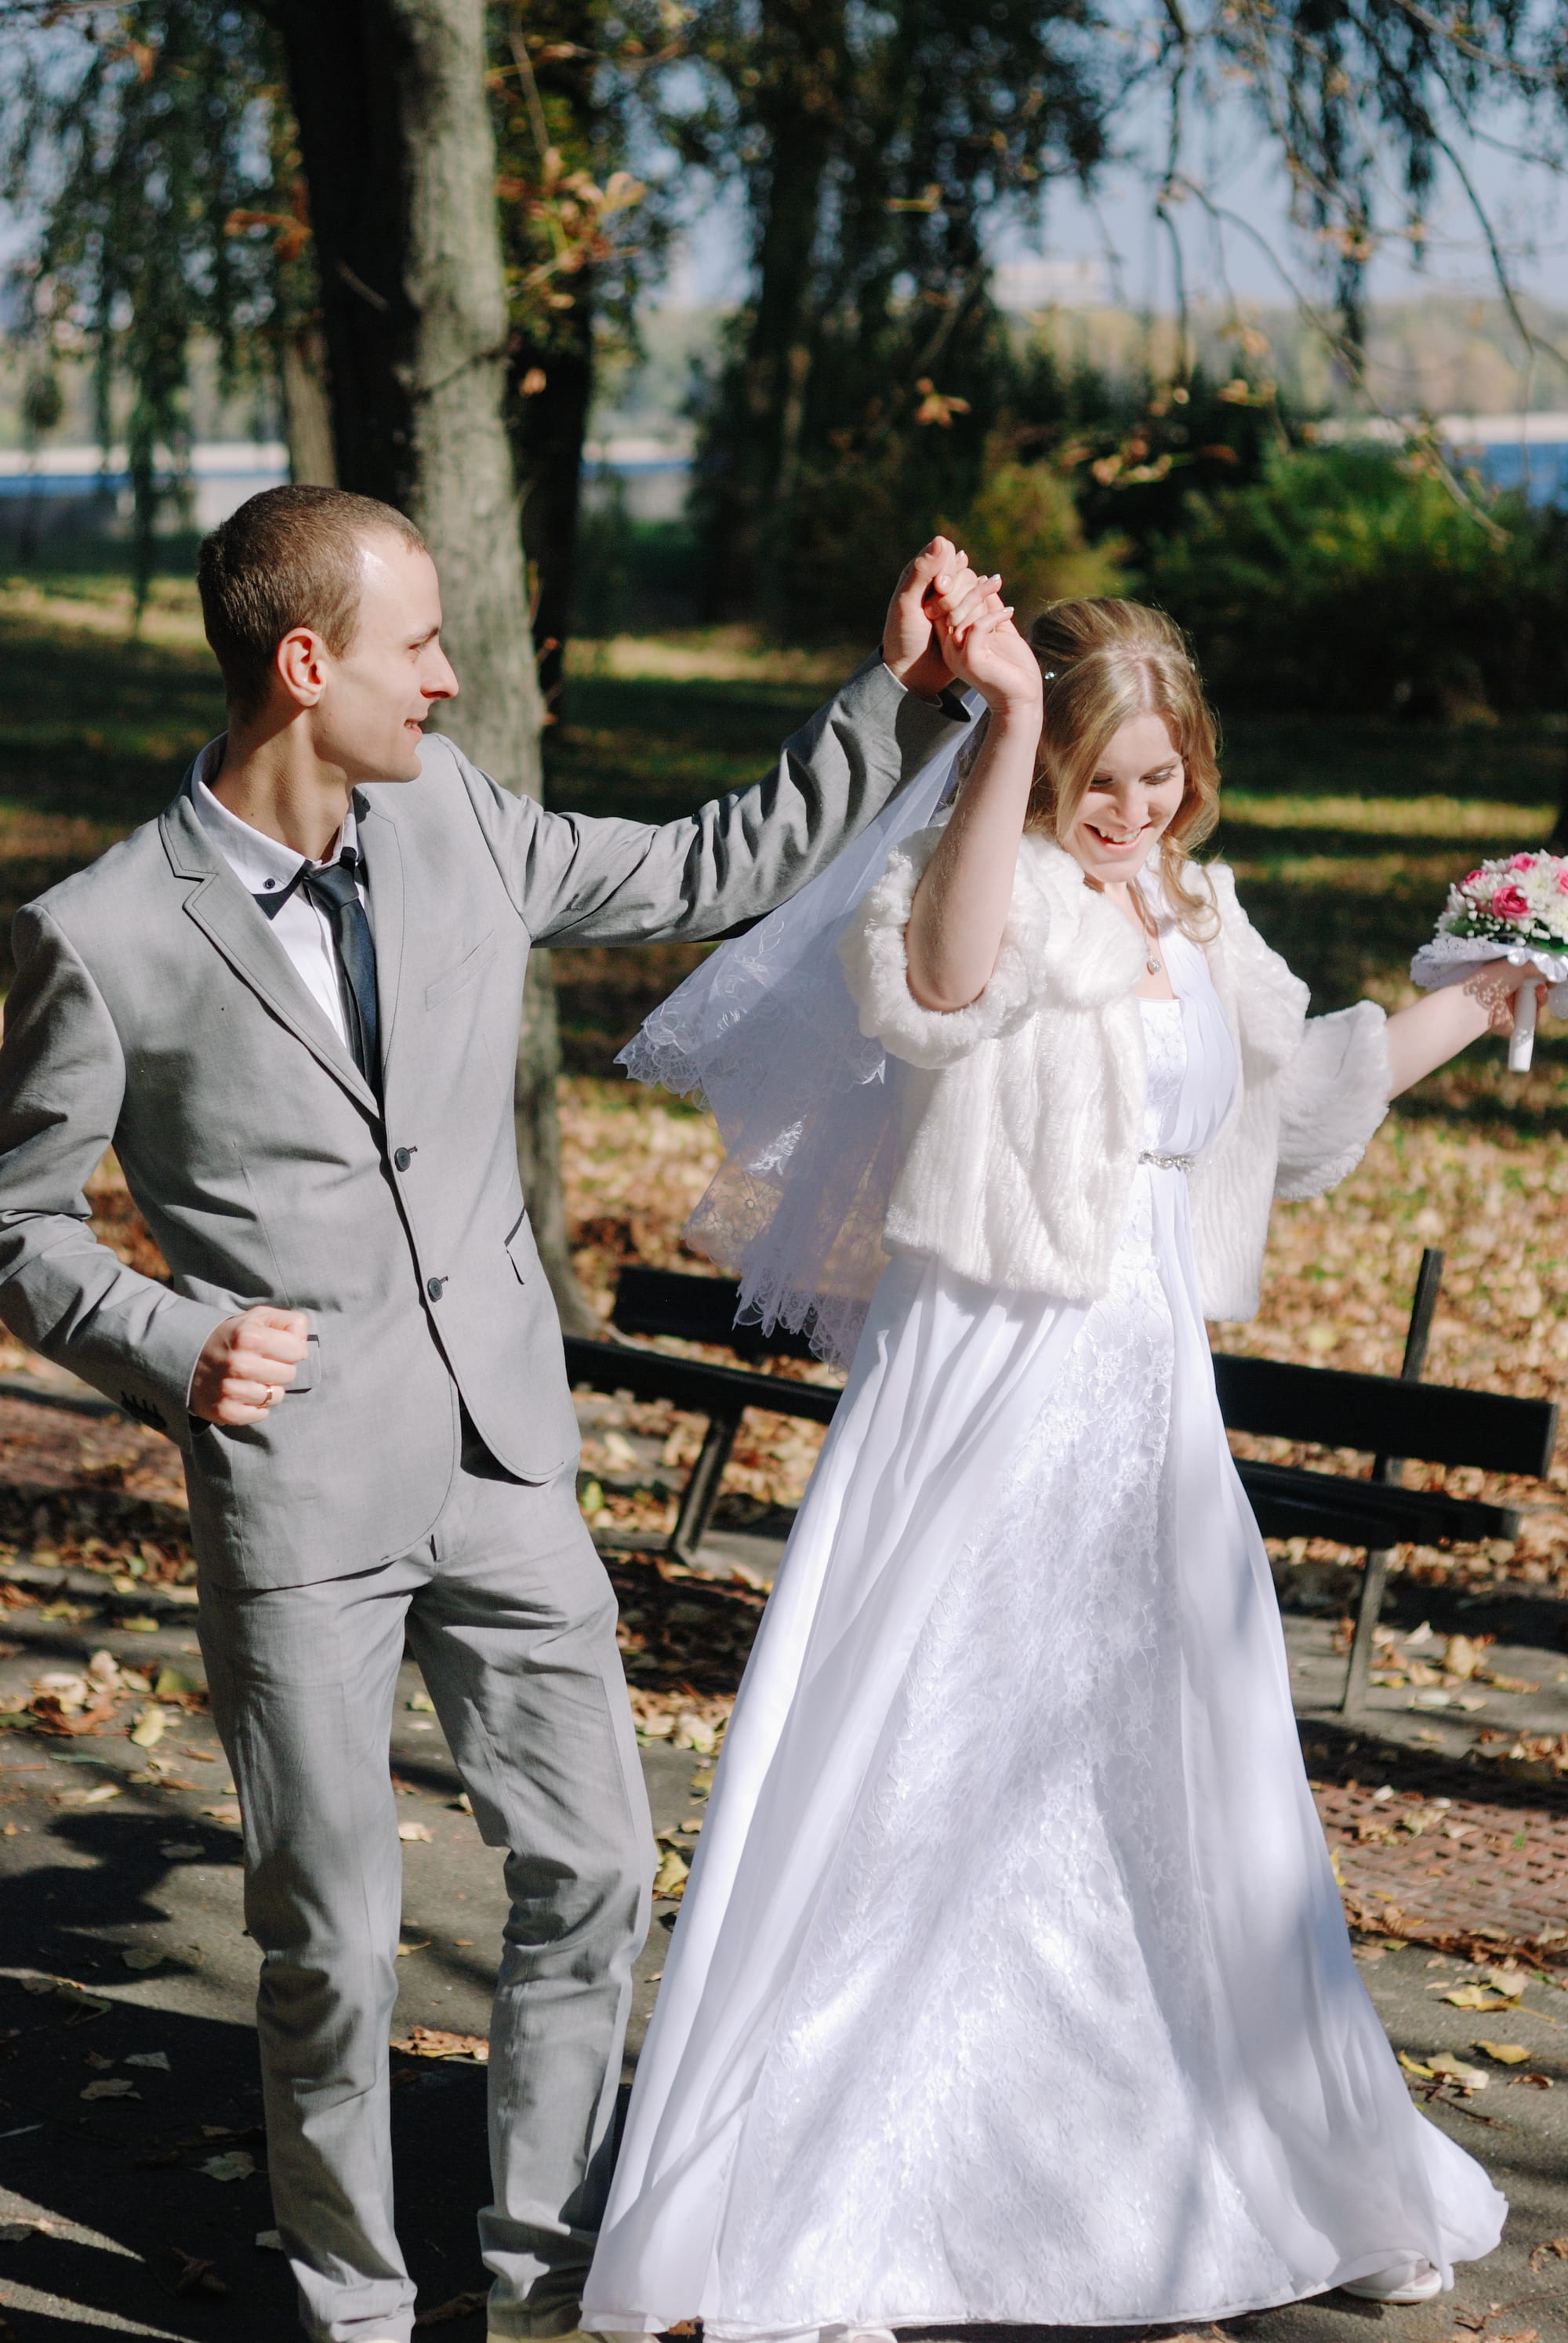 Танцы в парке - Фотограф Киев - Женя Лайт